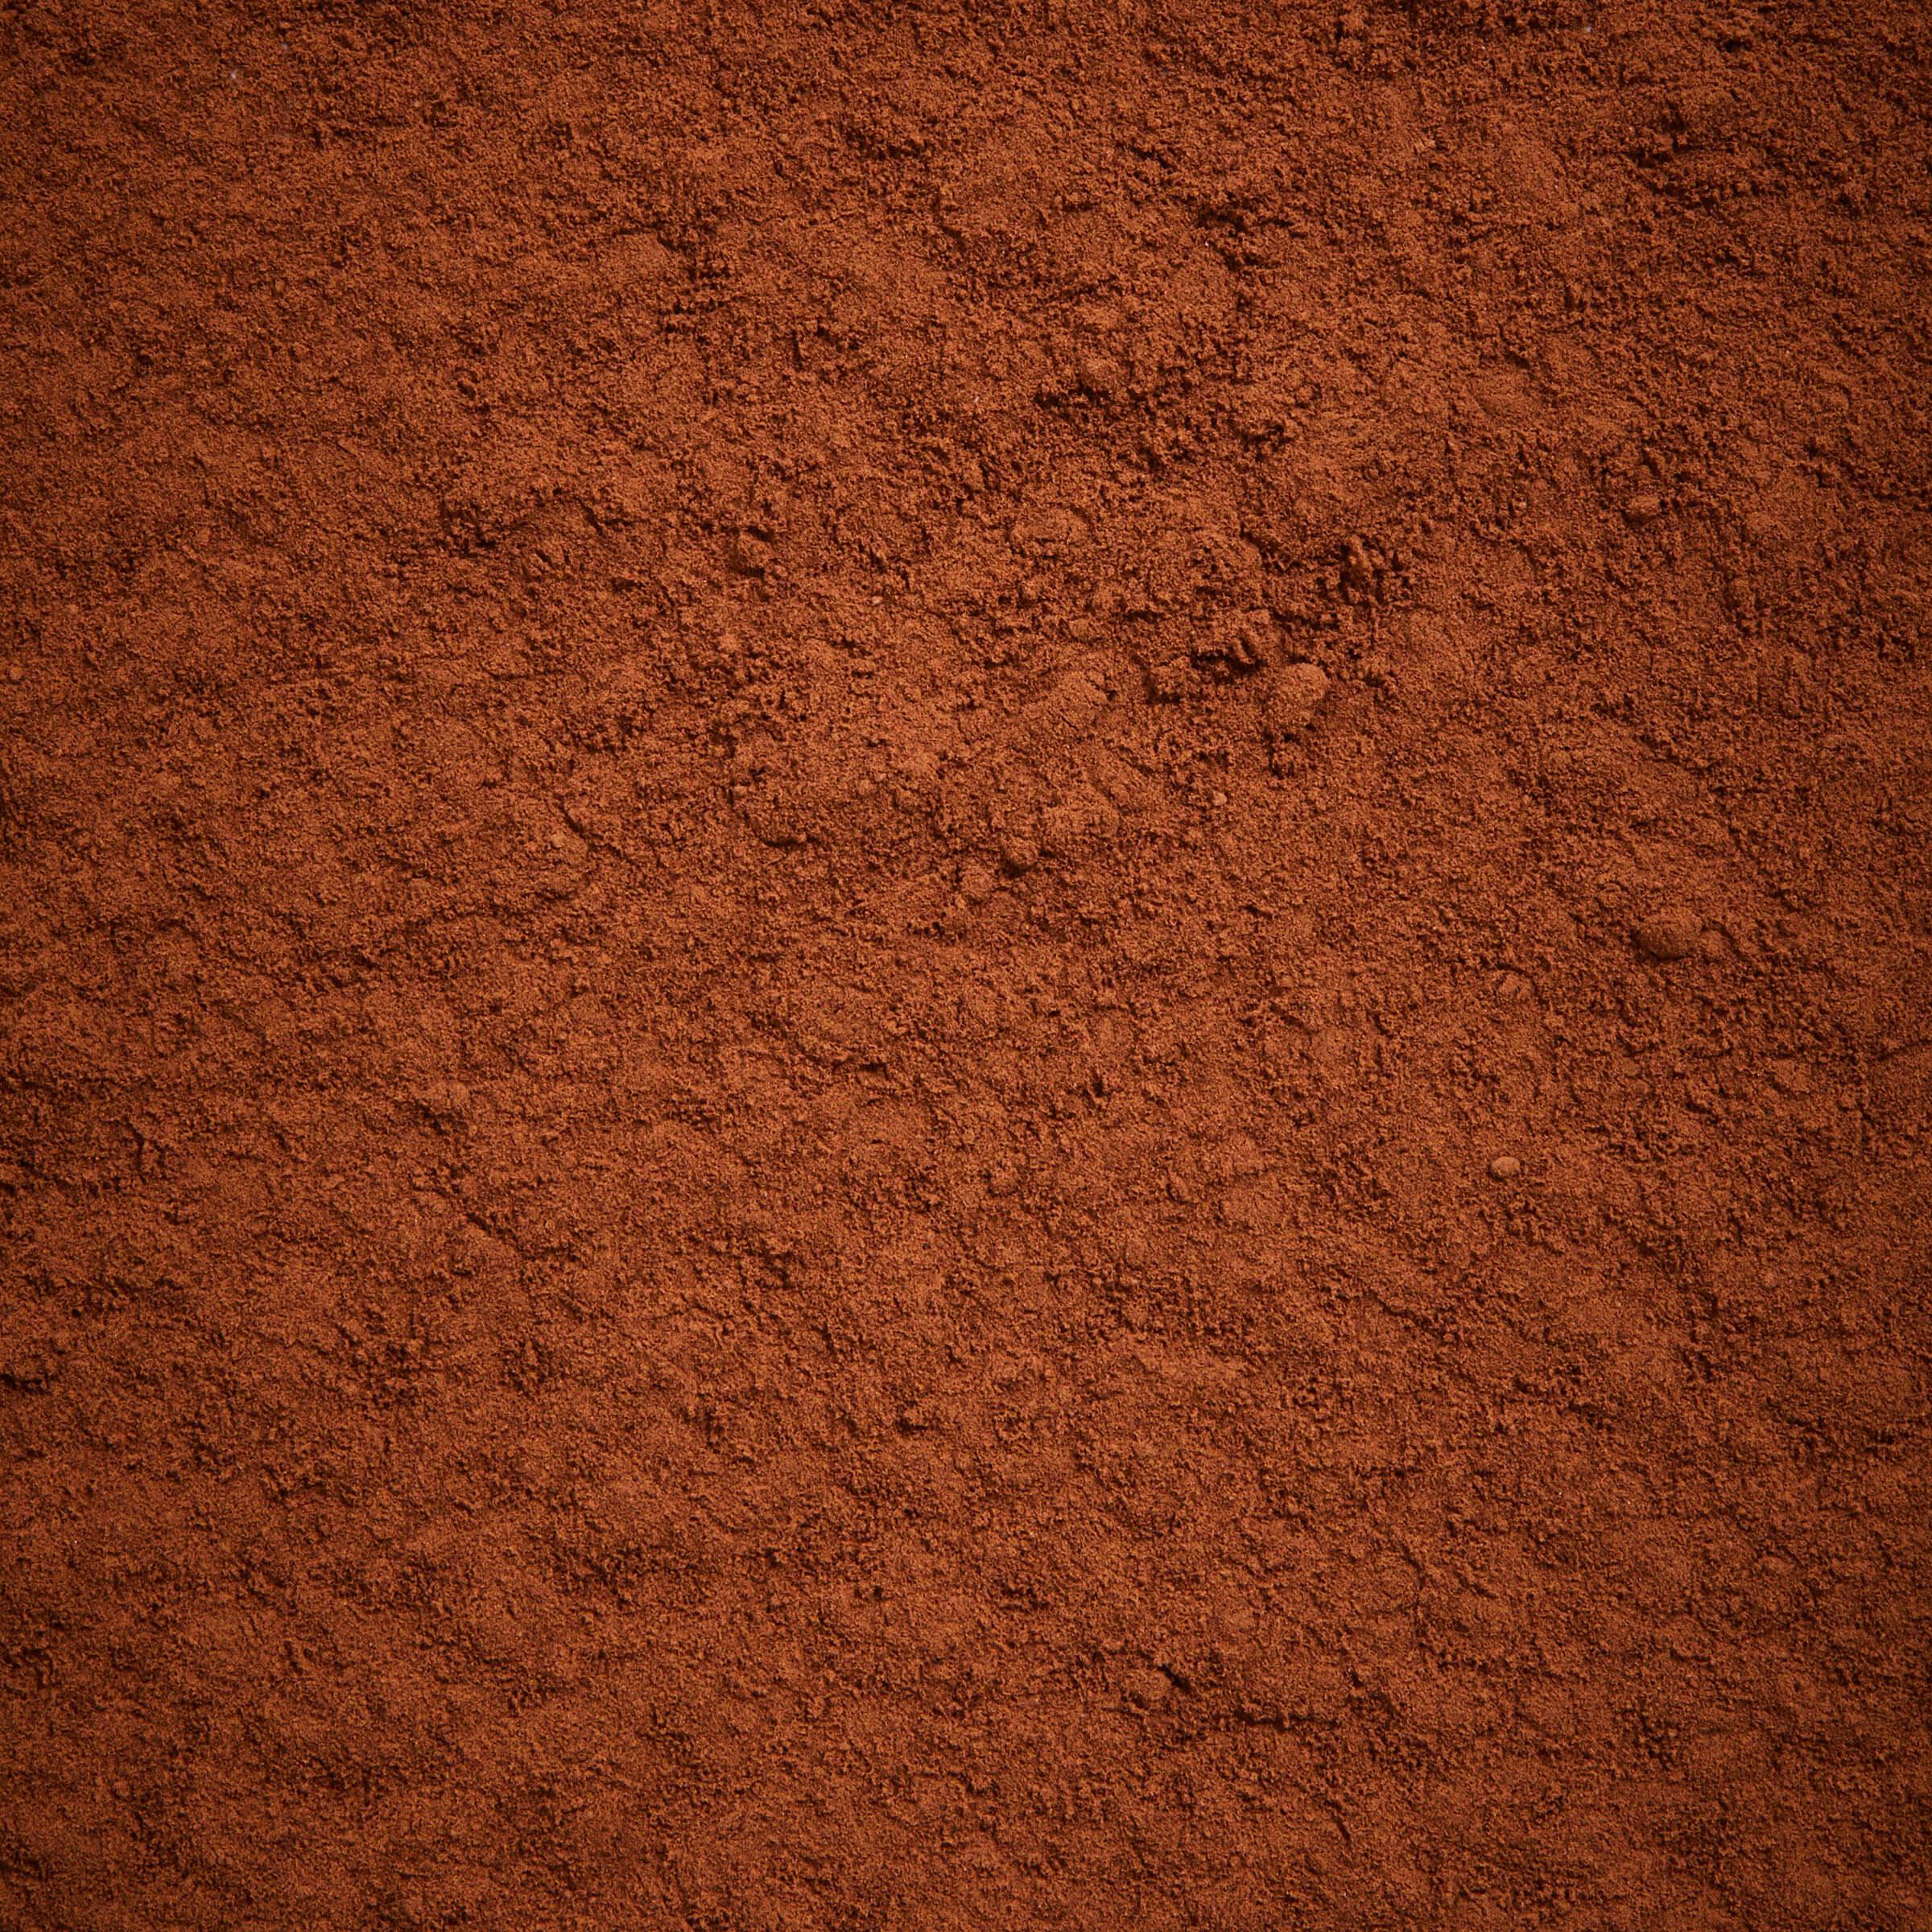 Kakaopulver 20/22 alkDutch4104